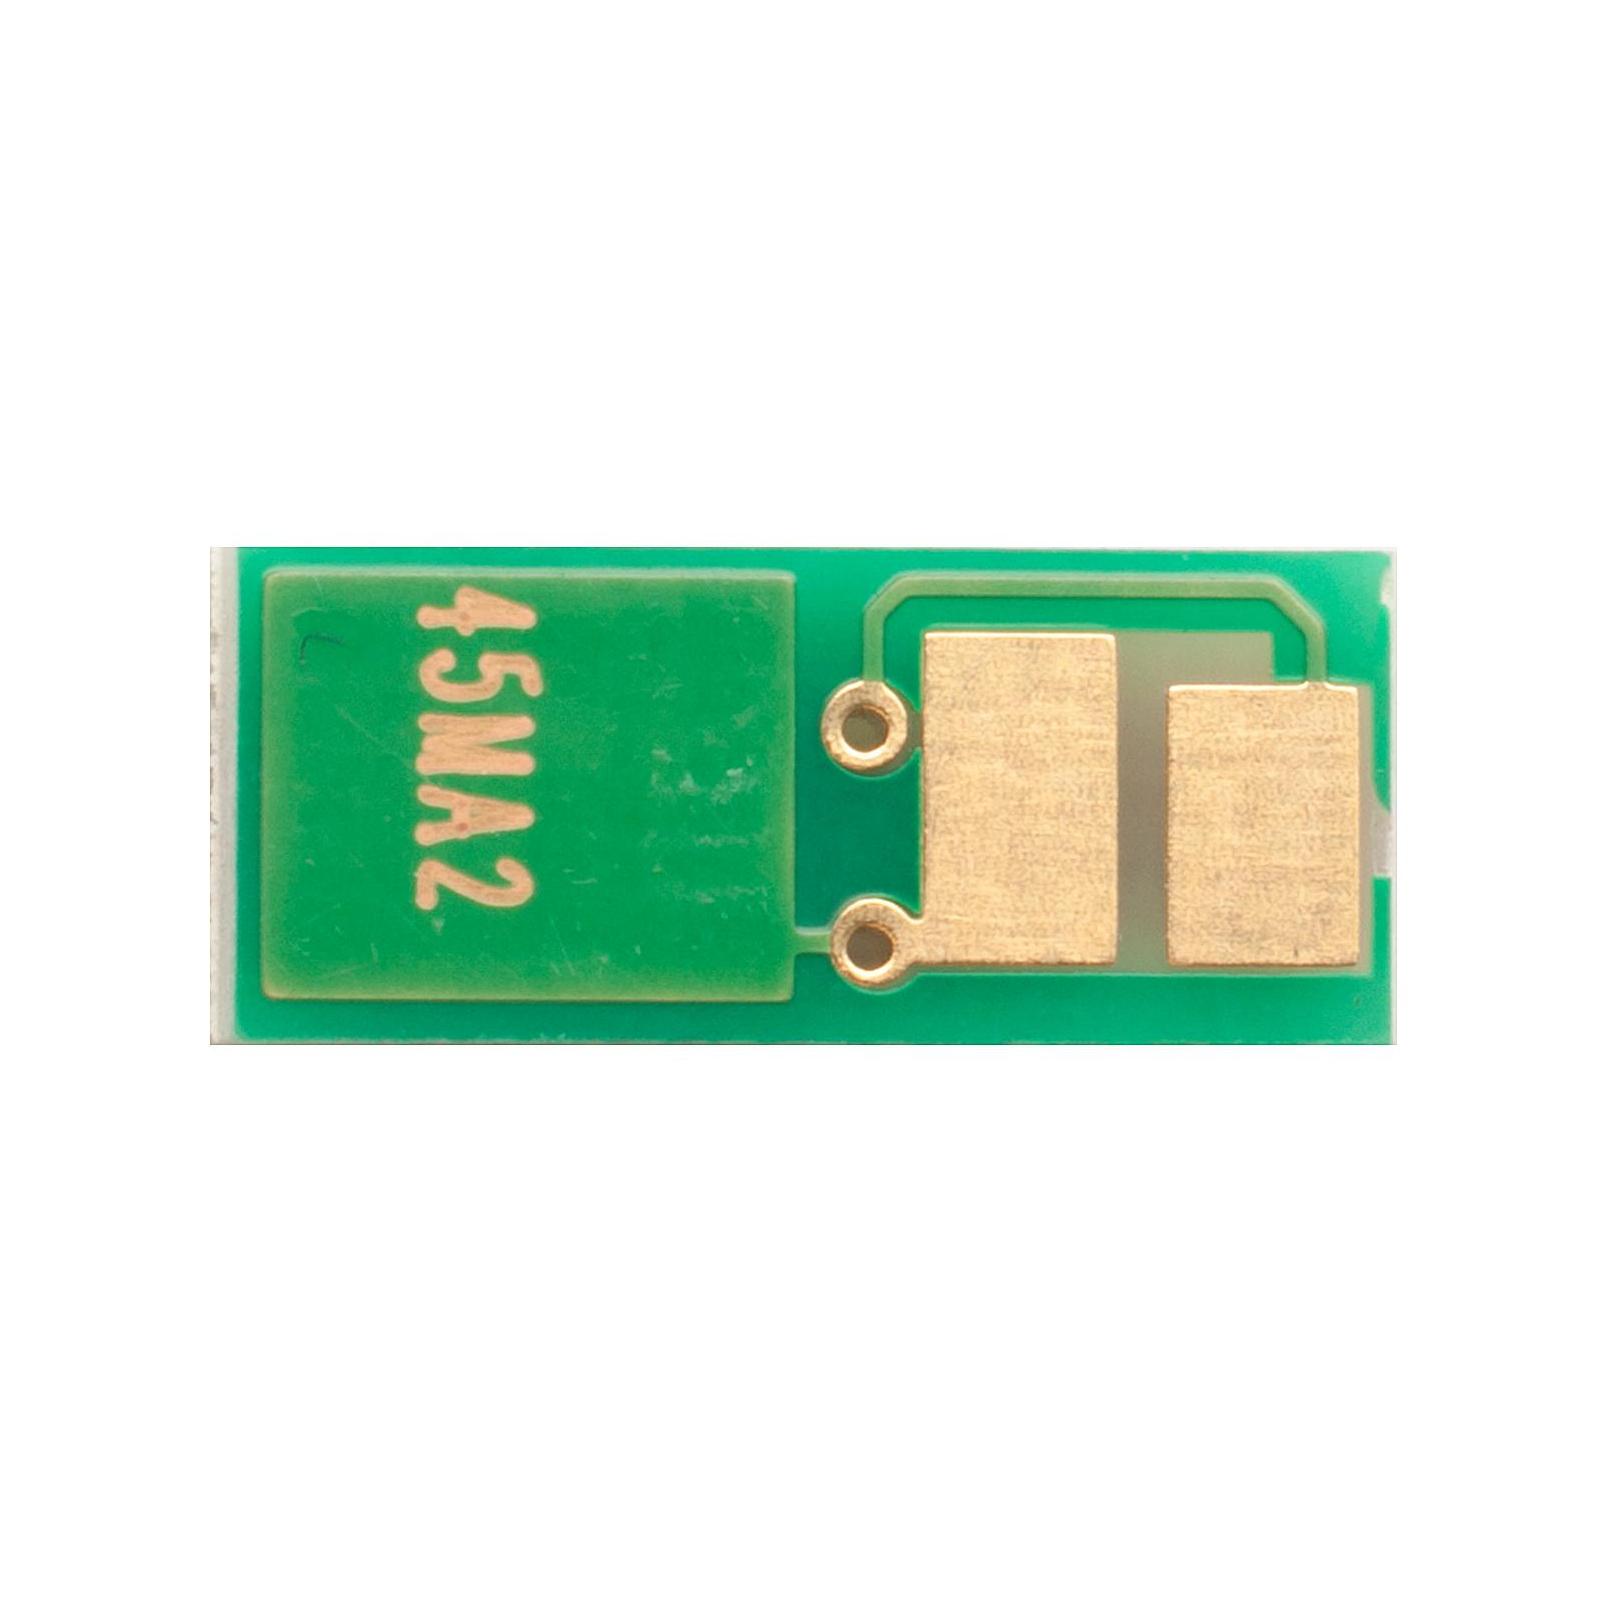 Чип для картриджа CANON 045 YELLOW Everprint (CHIP-CAN-045-Y) изображение 2